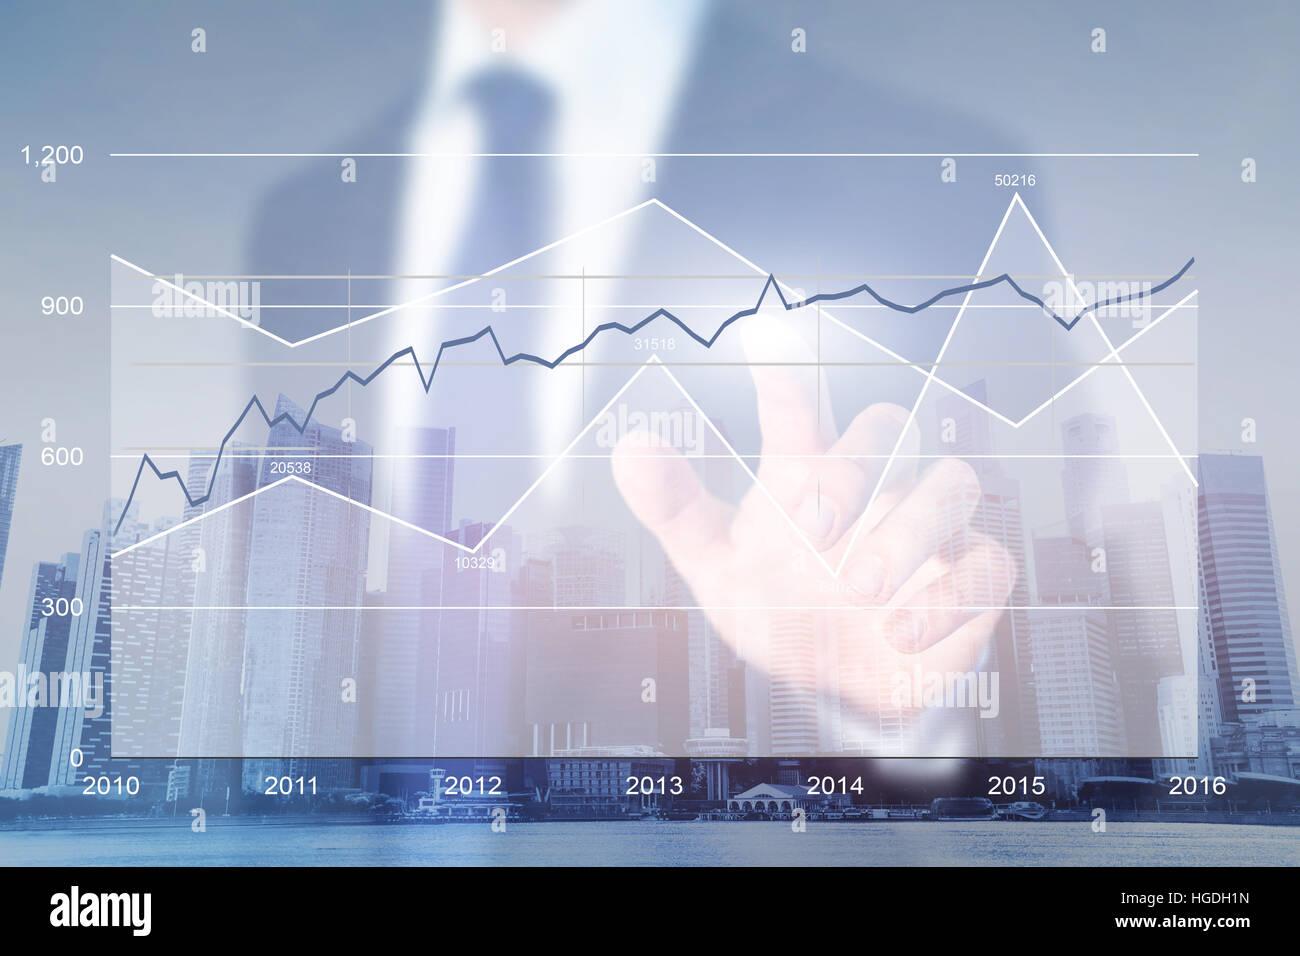 Business Strategy Analytics, gráficos financieros, alta tecnología moderna interfaz de ordenador Imagen De Stock